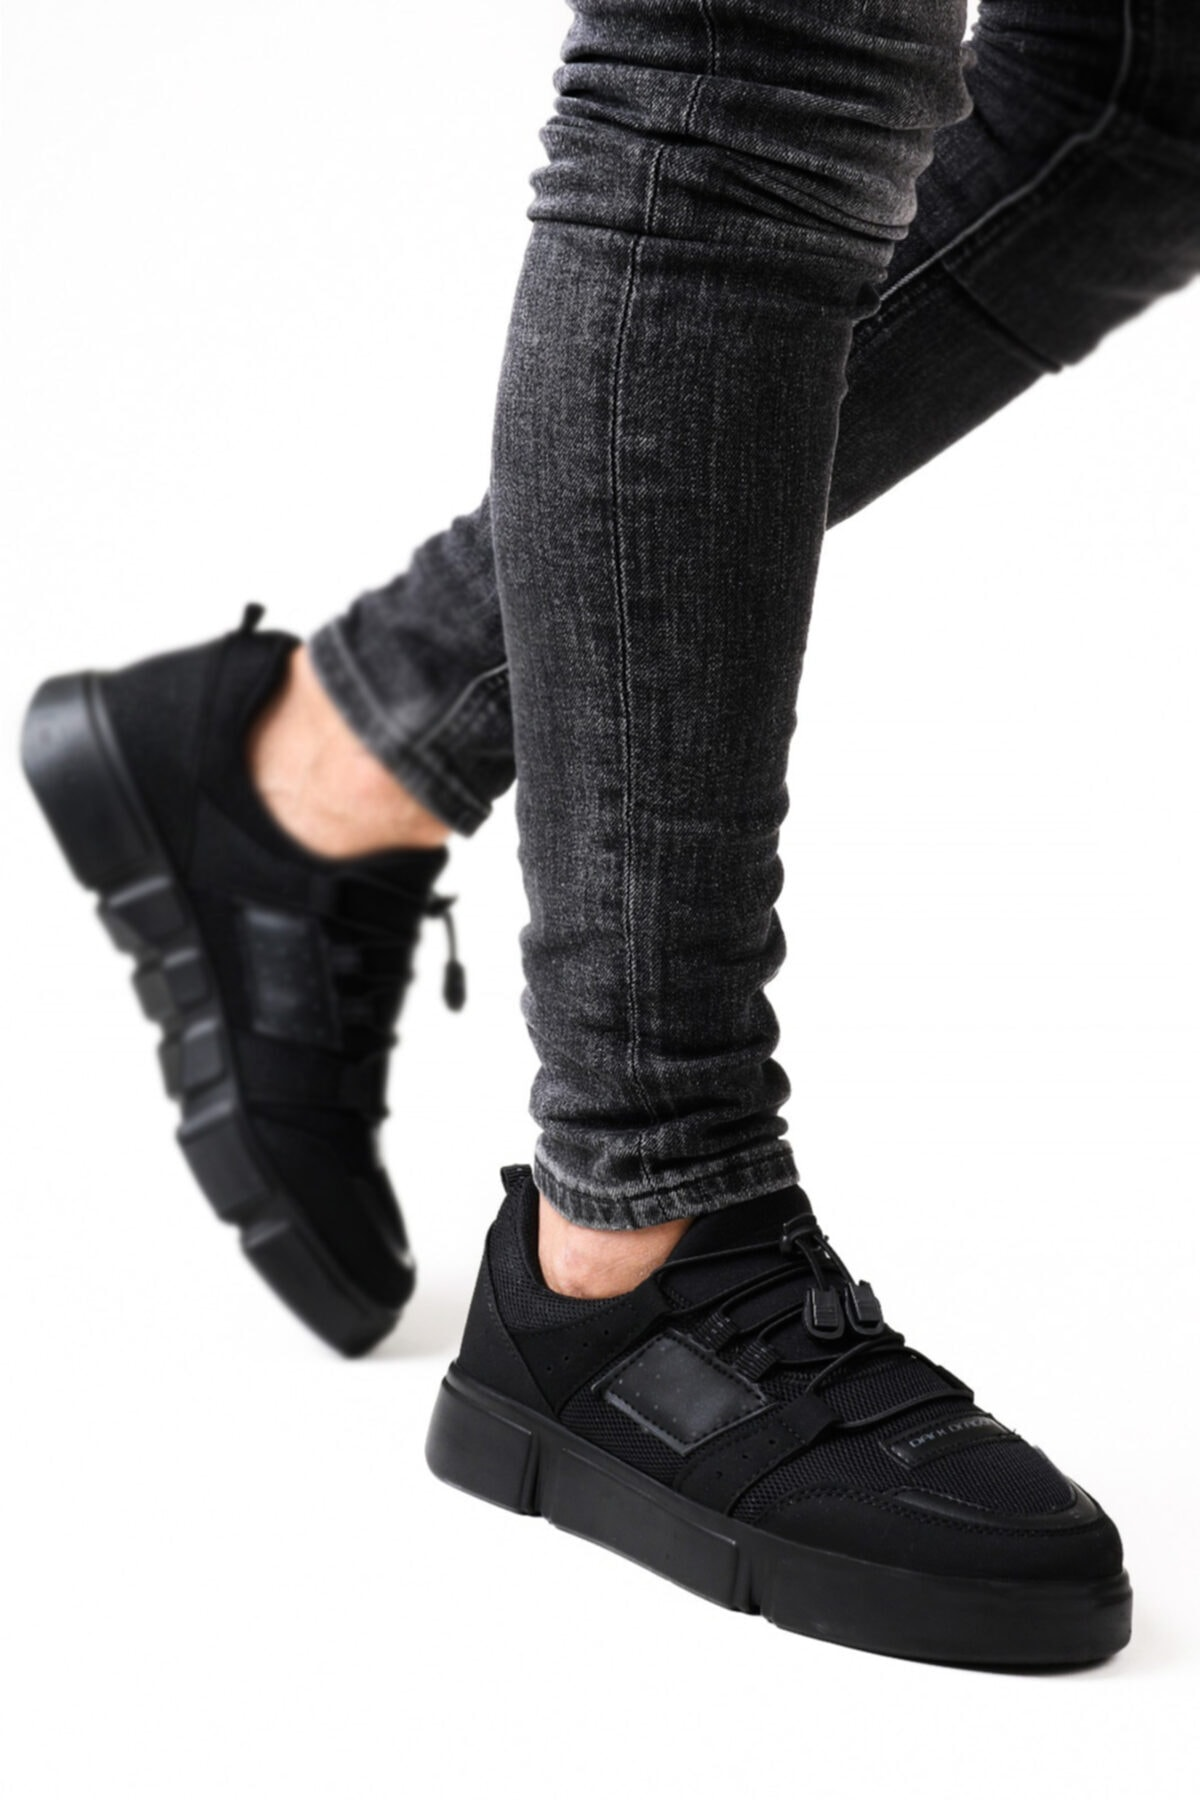 Ayakkabix Bağcıksız Lastikli Spor Ayakkabı 2